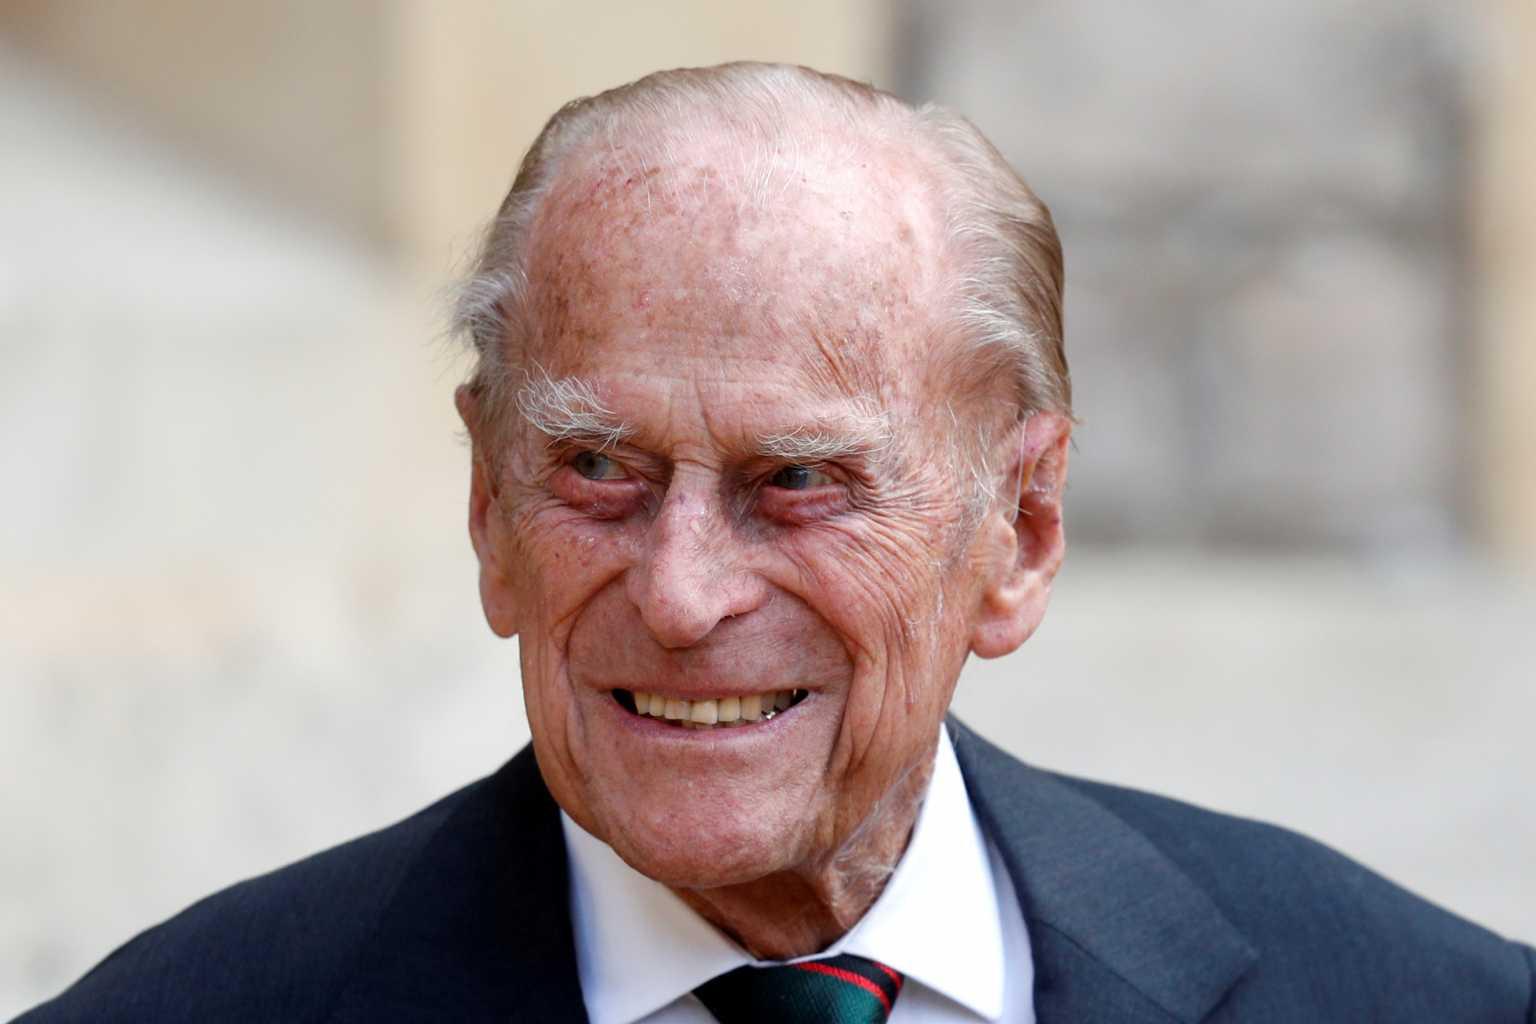 Πρίγκιπας Φίλιππος: Συλλυπητήρια από ηγέτες και προσωπικότητες απ' όλο τον κόσμο